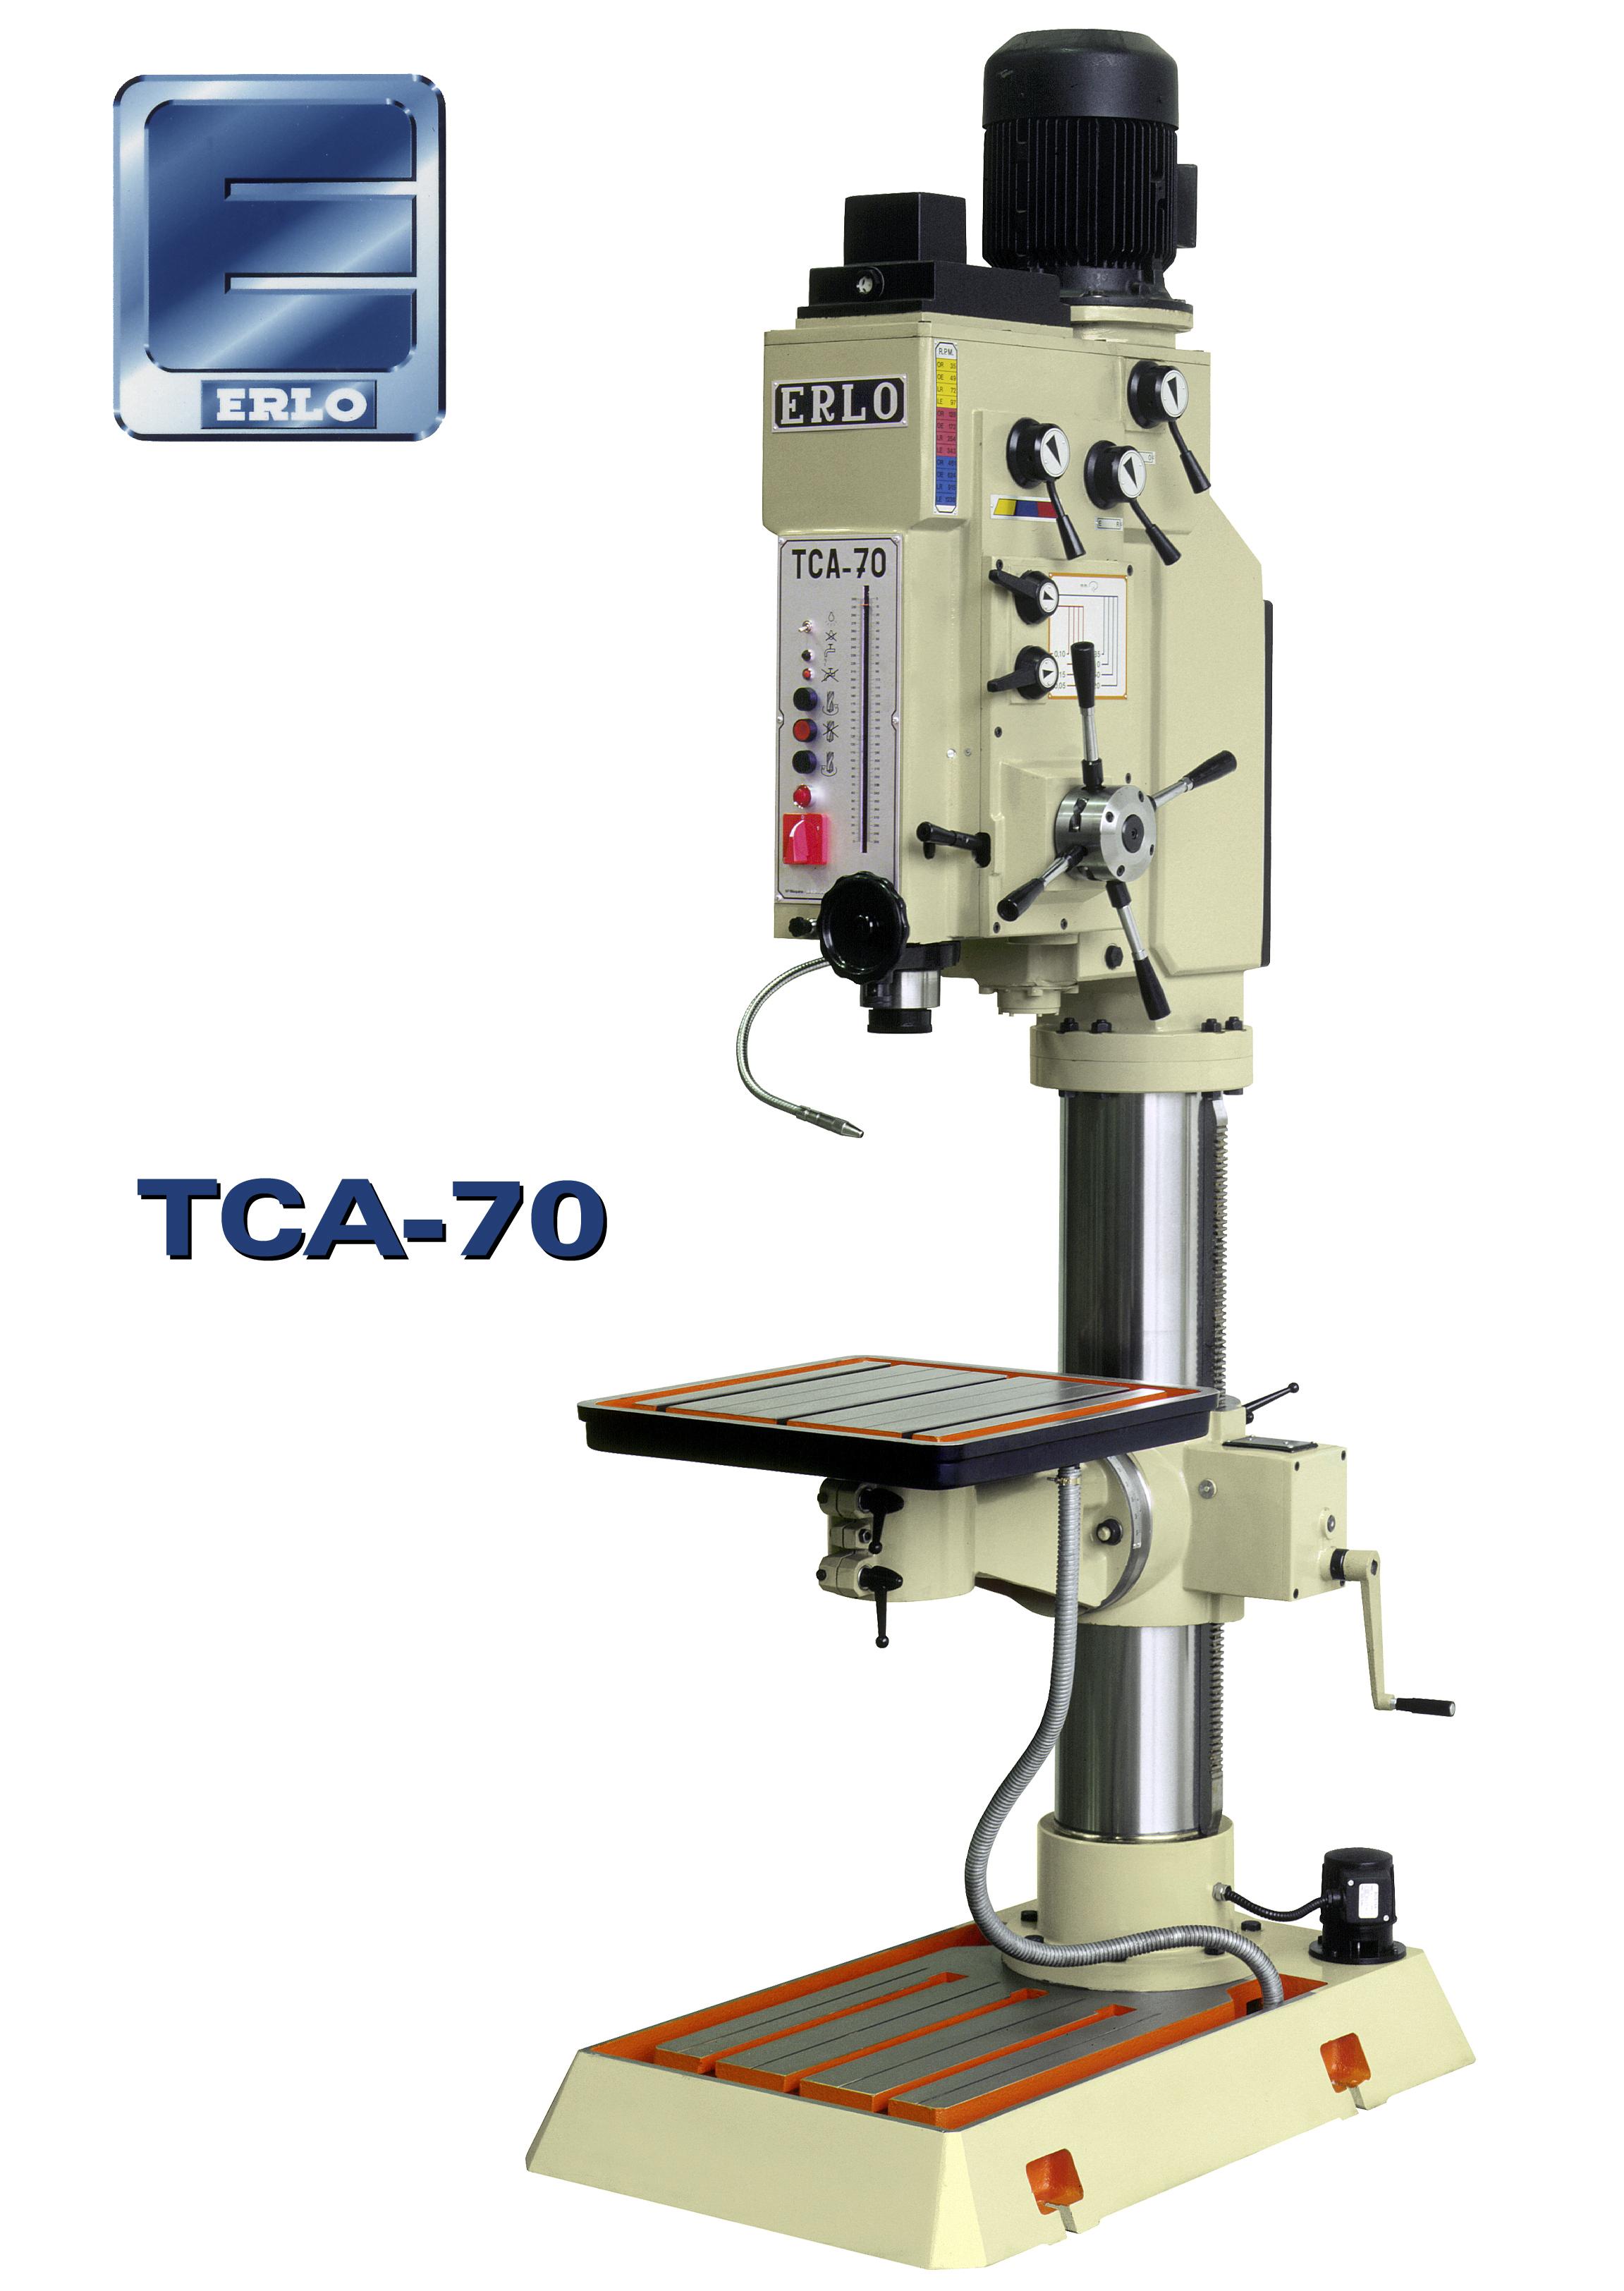 COLUMNA ERLO TCA-70